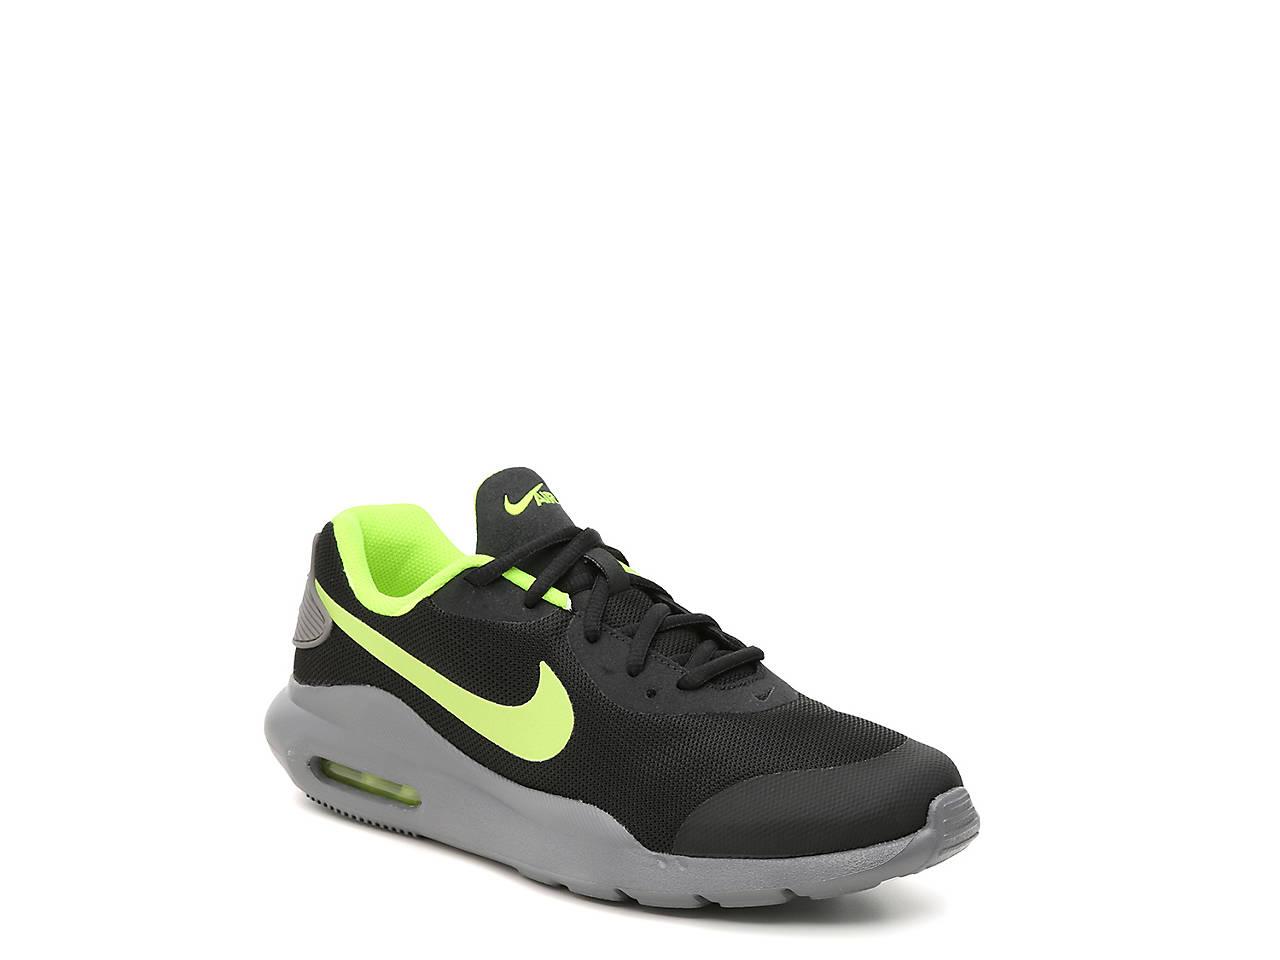 Nike Air Max Oketo Sneaker Kids' Kids Shoes DSW  DSW